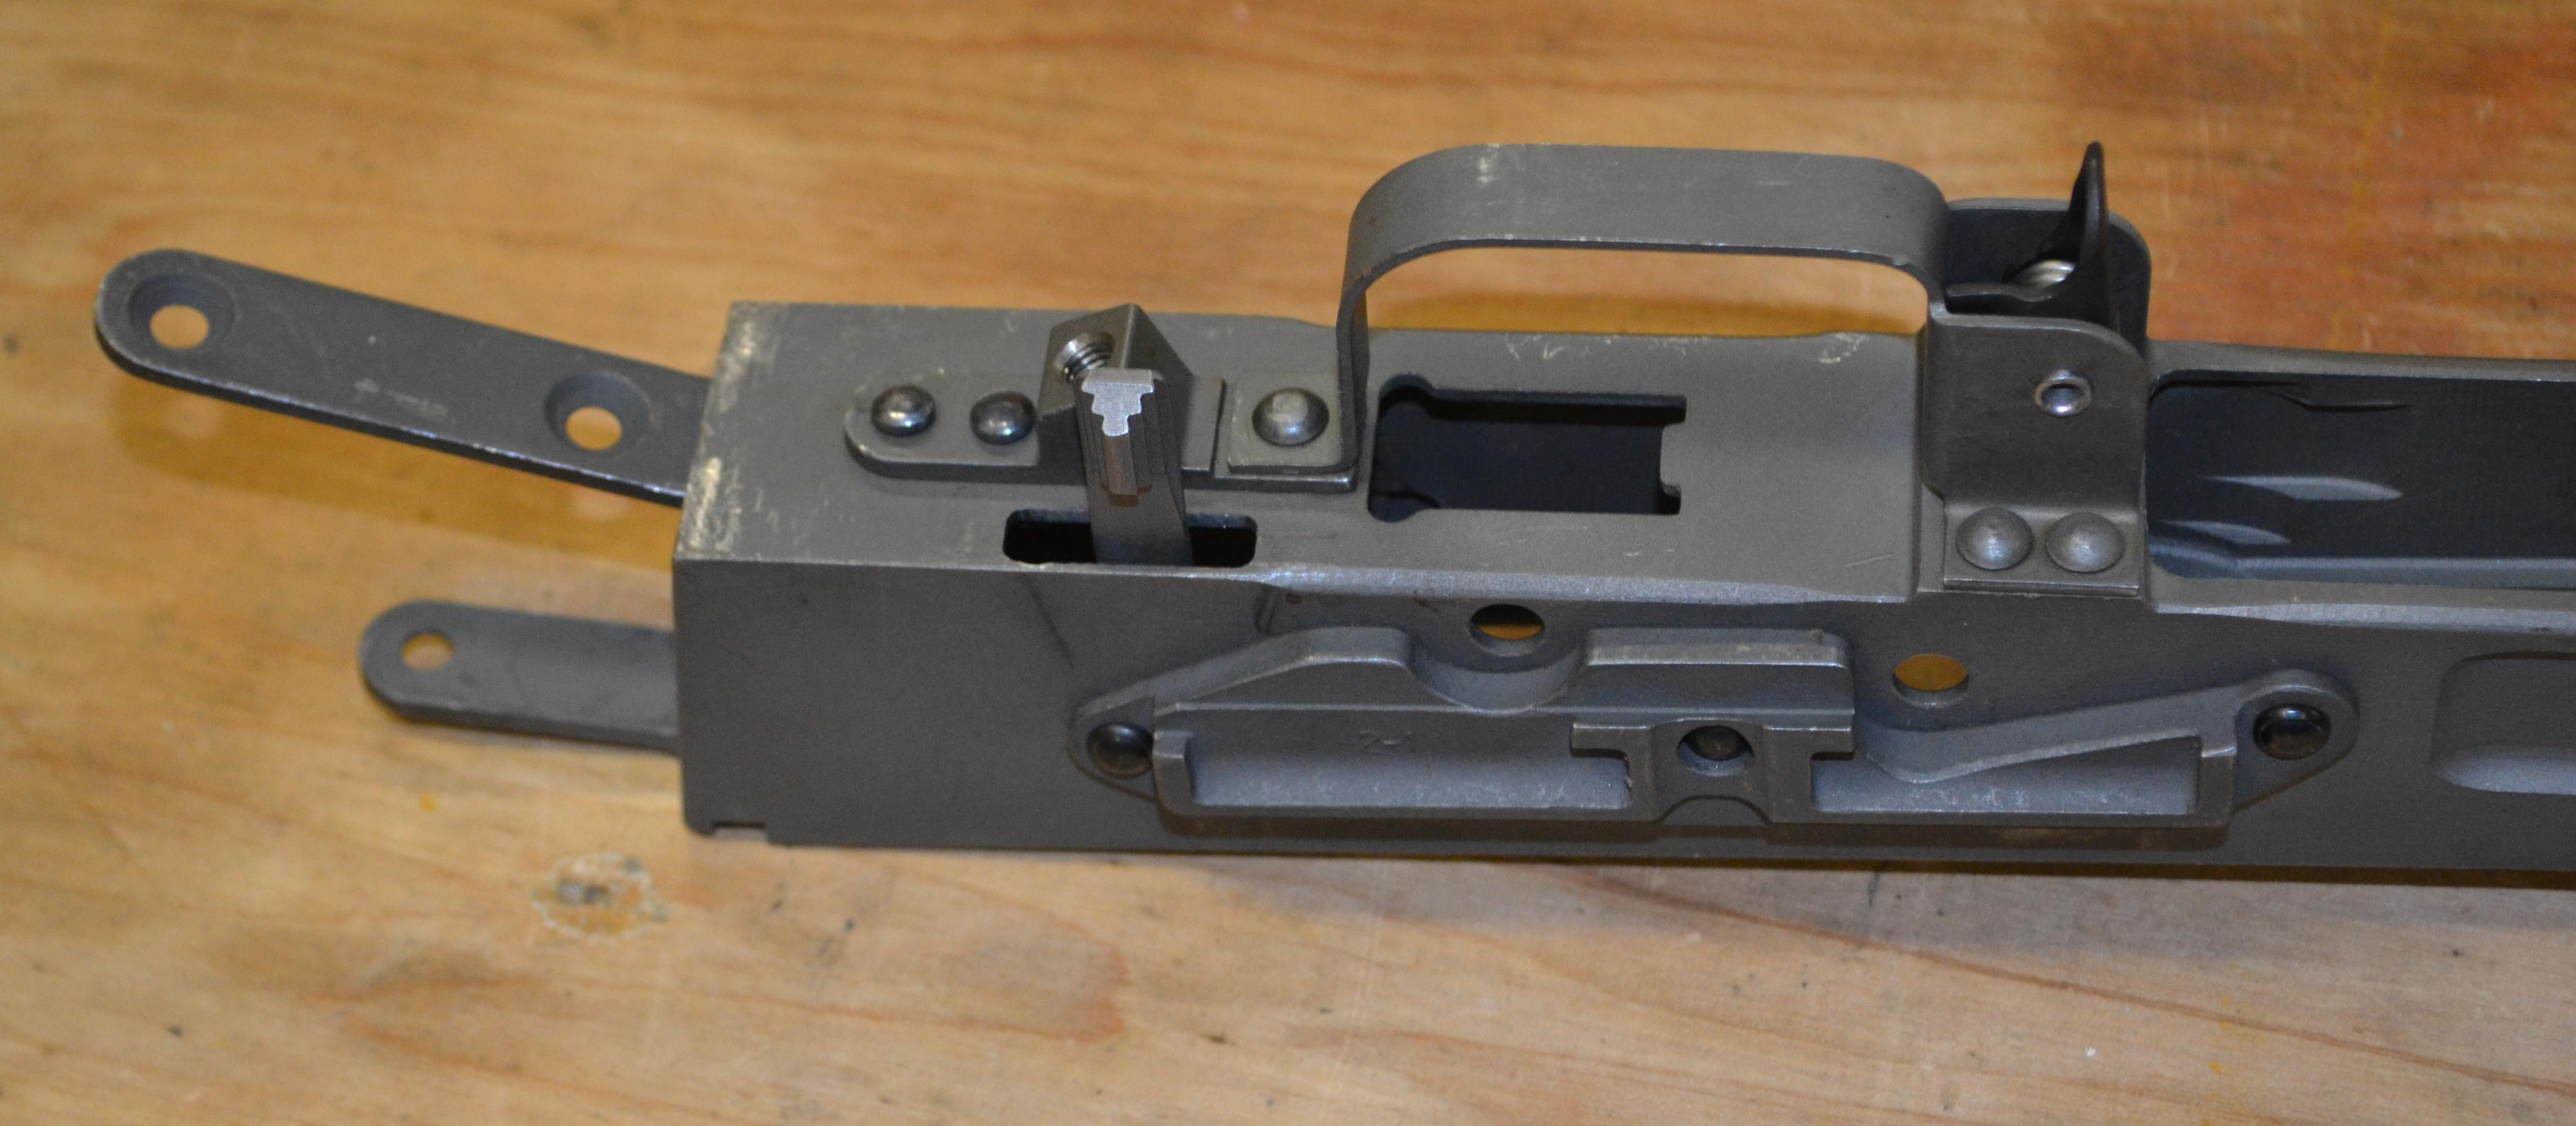 AK 47/74/Variants Ambi Safety   LMG FireArms